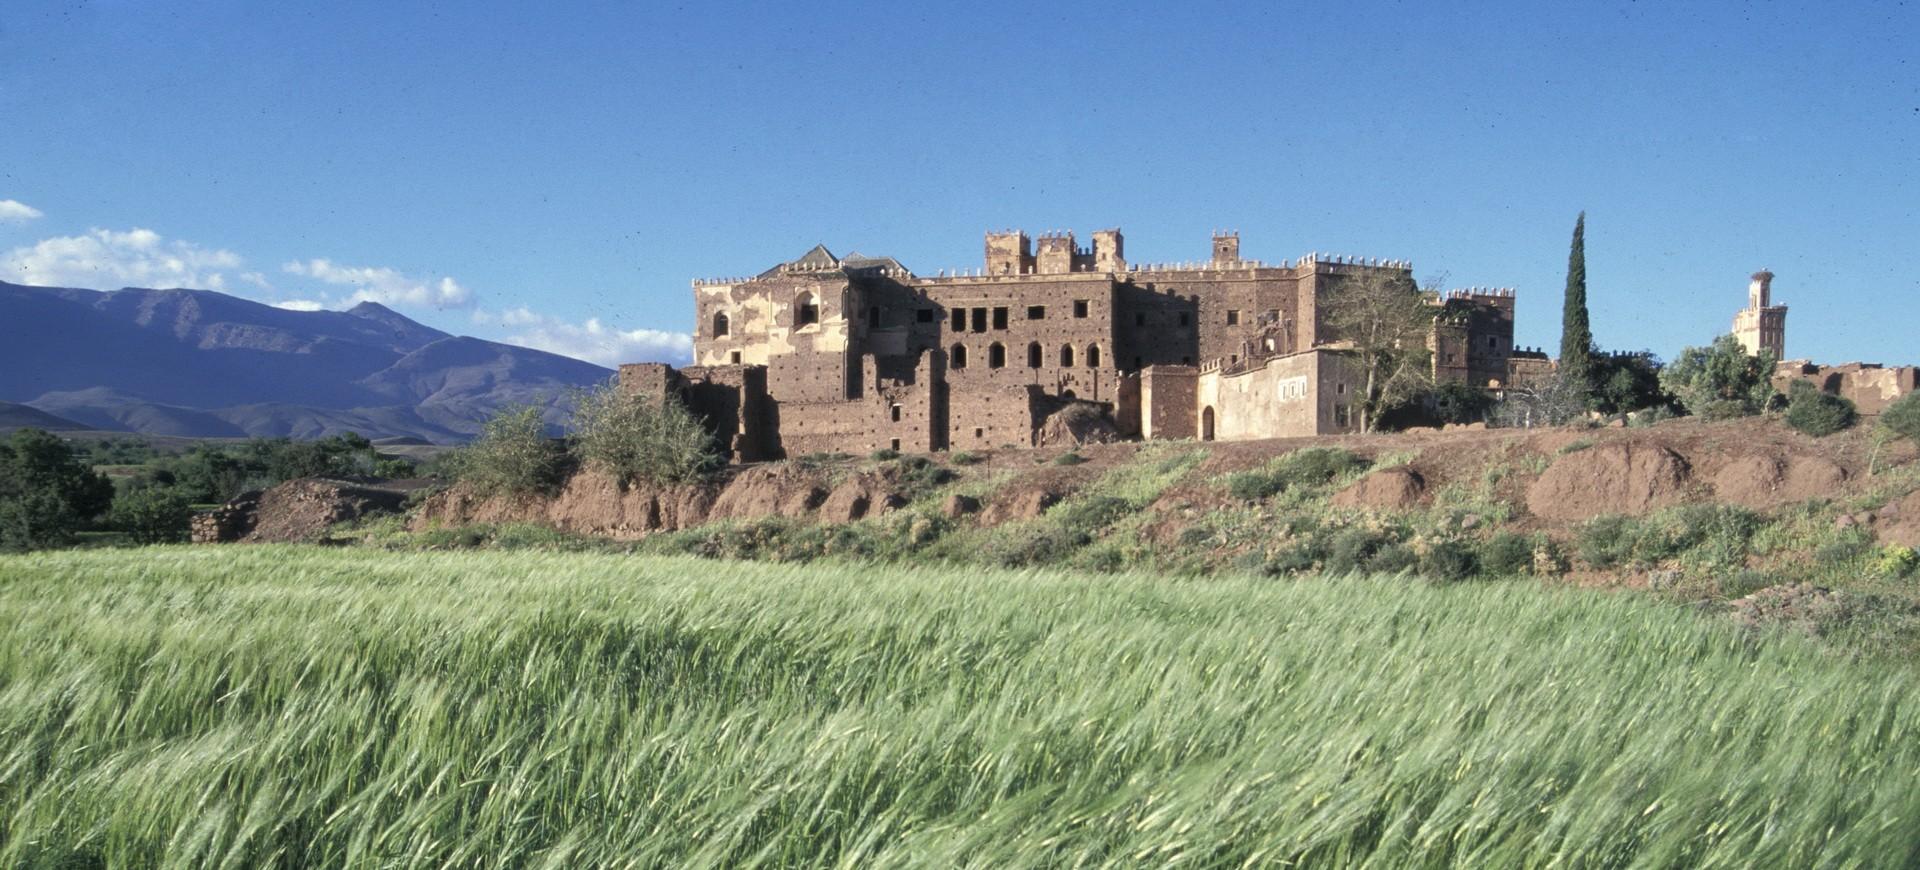 Casbah de Telouete au Maroc